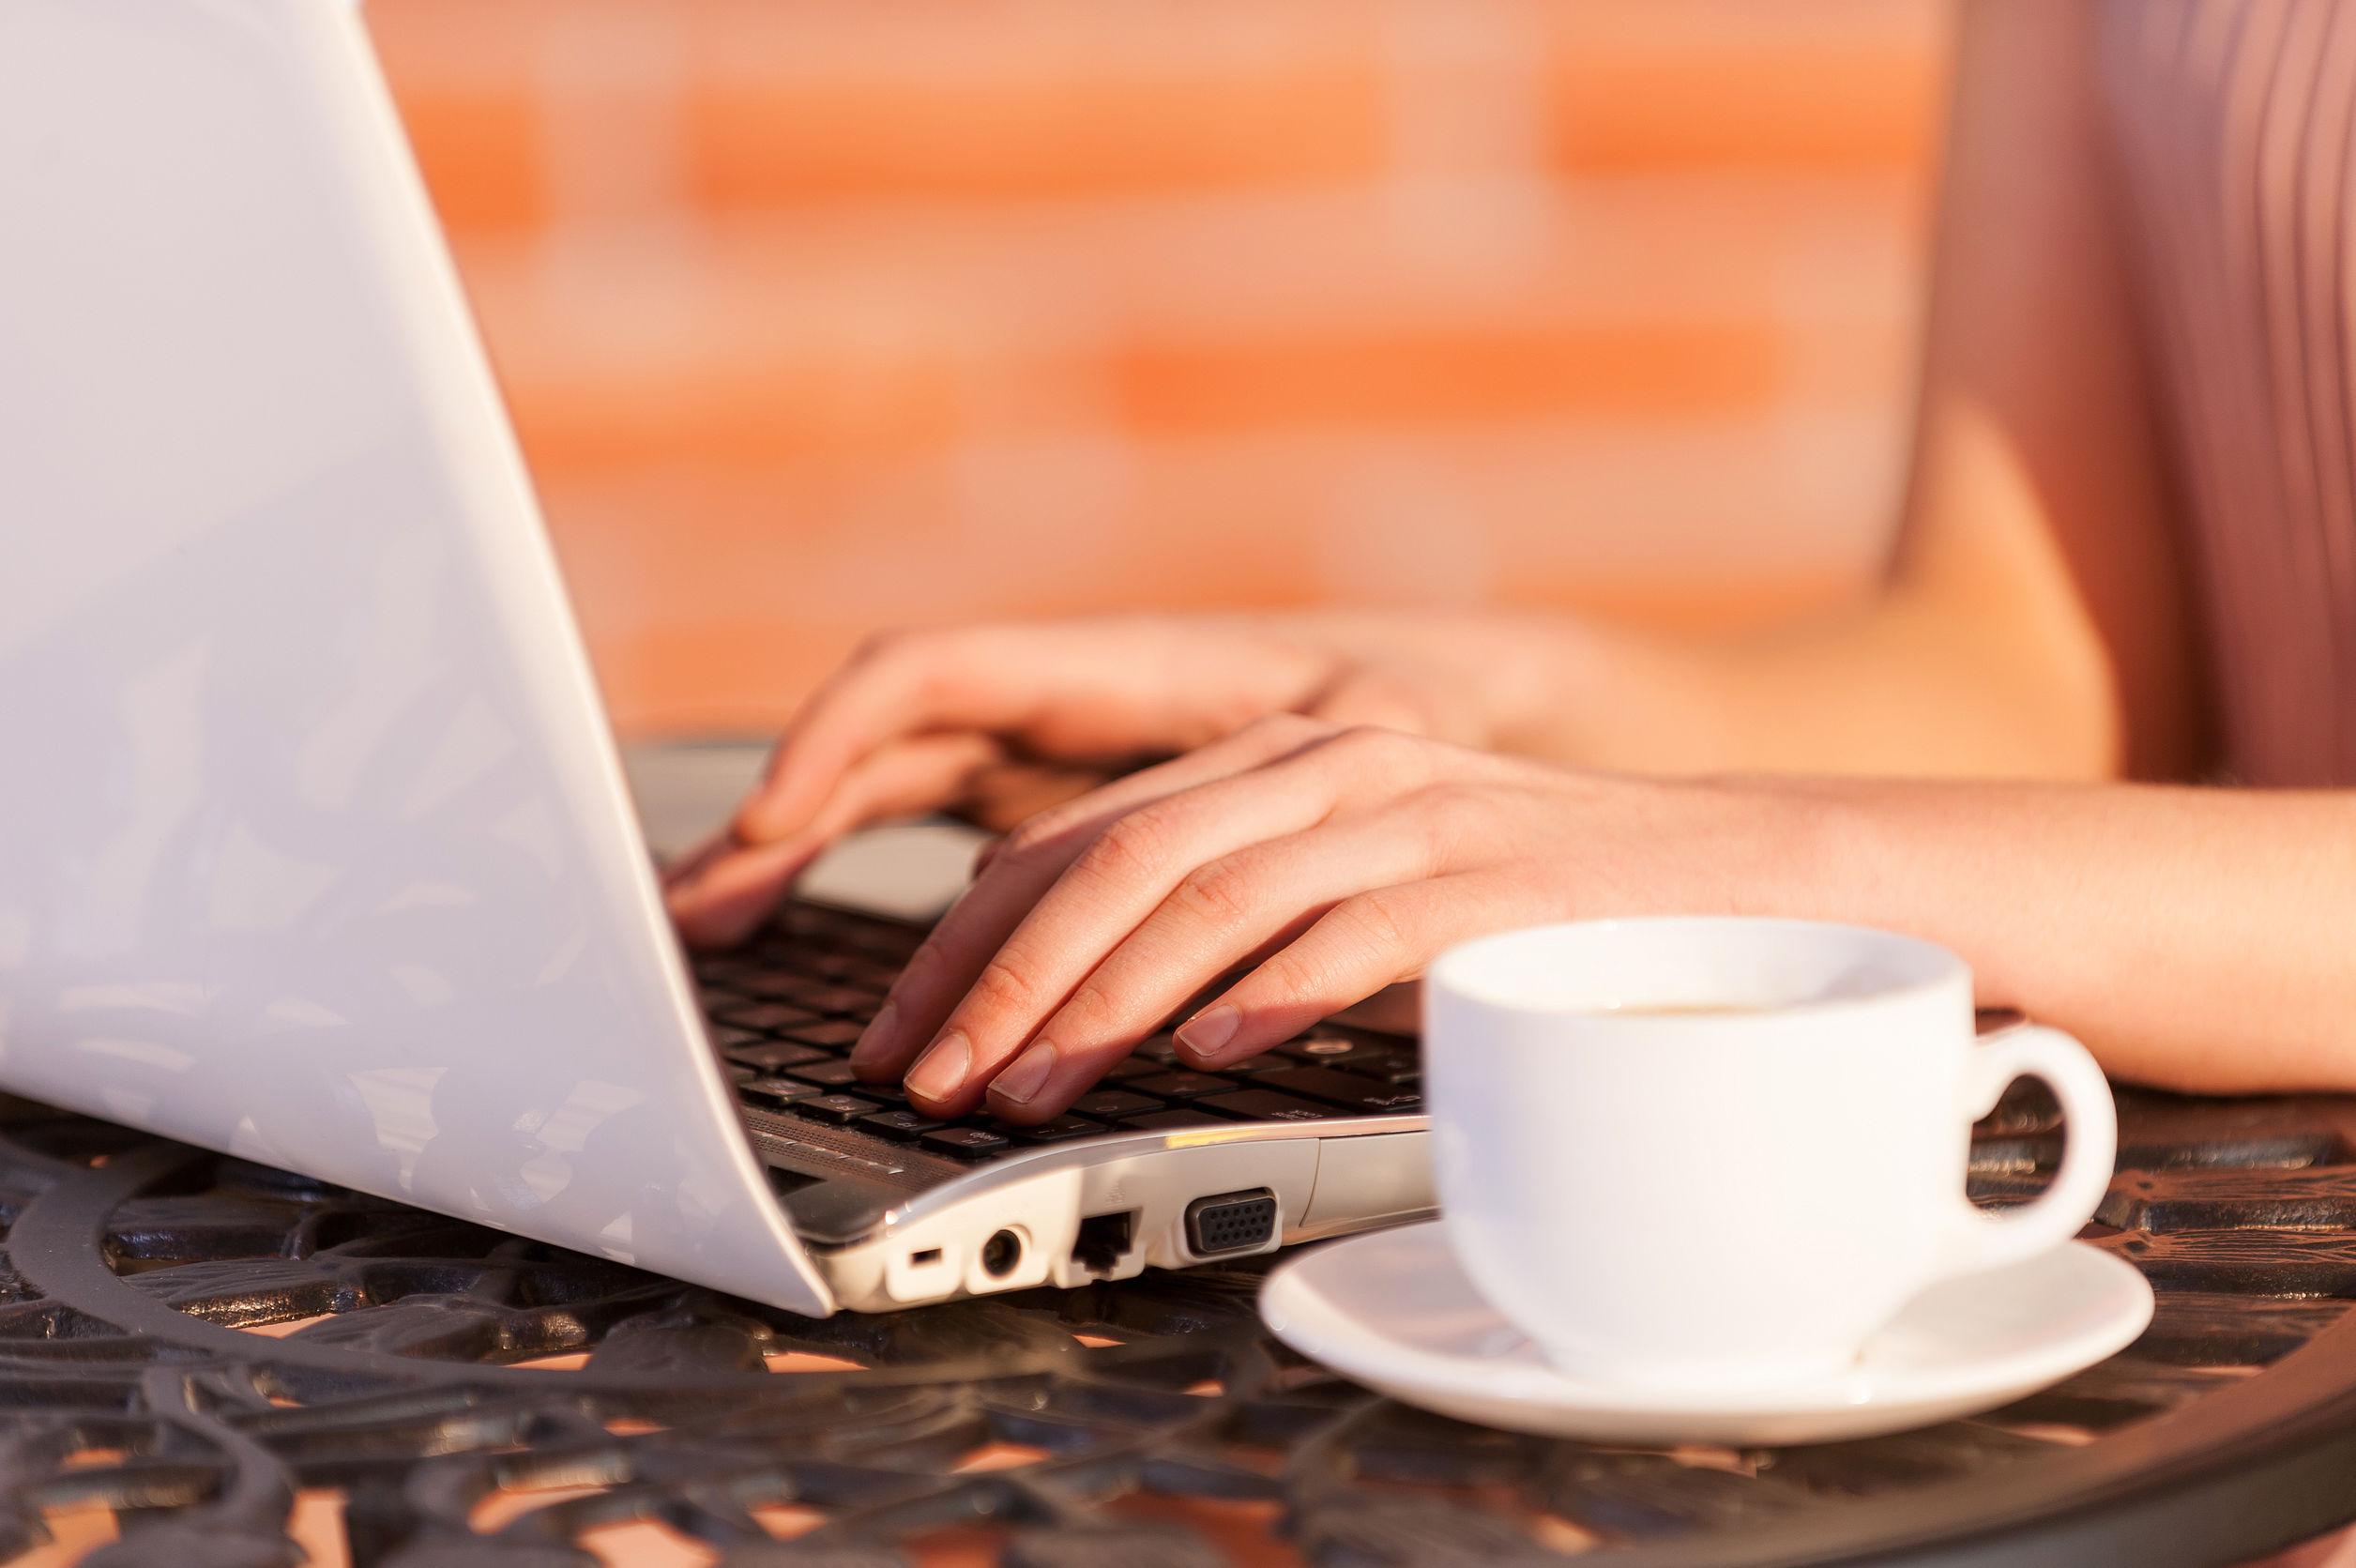 Vrouw laptop.jpg